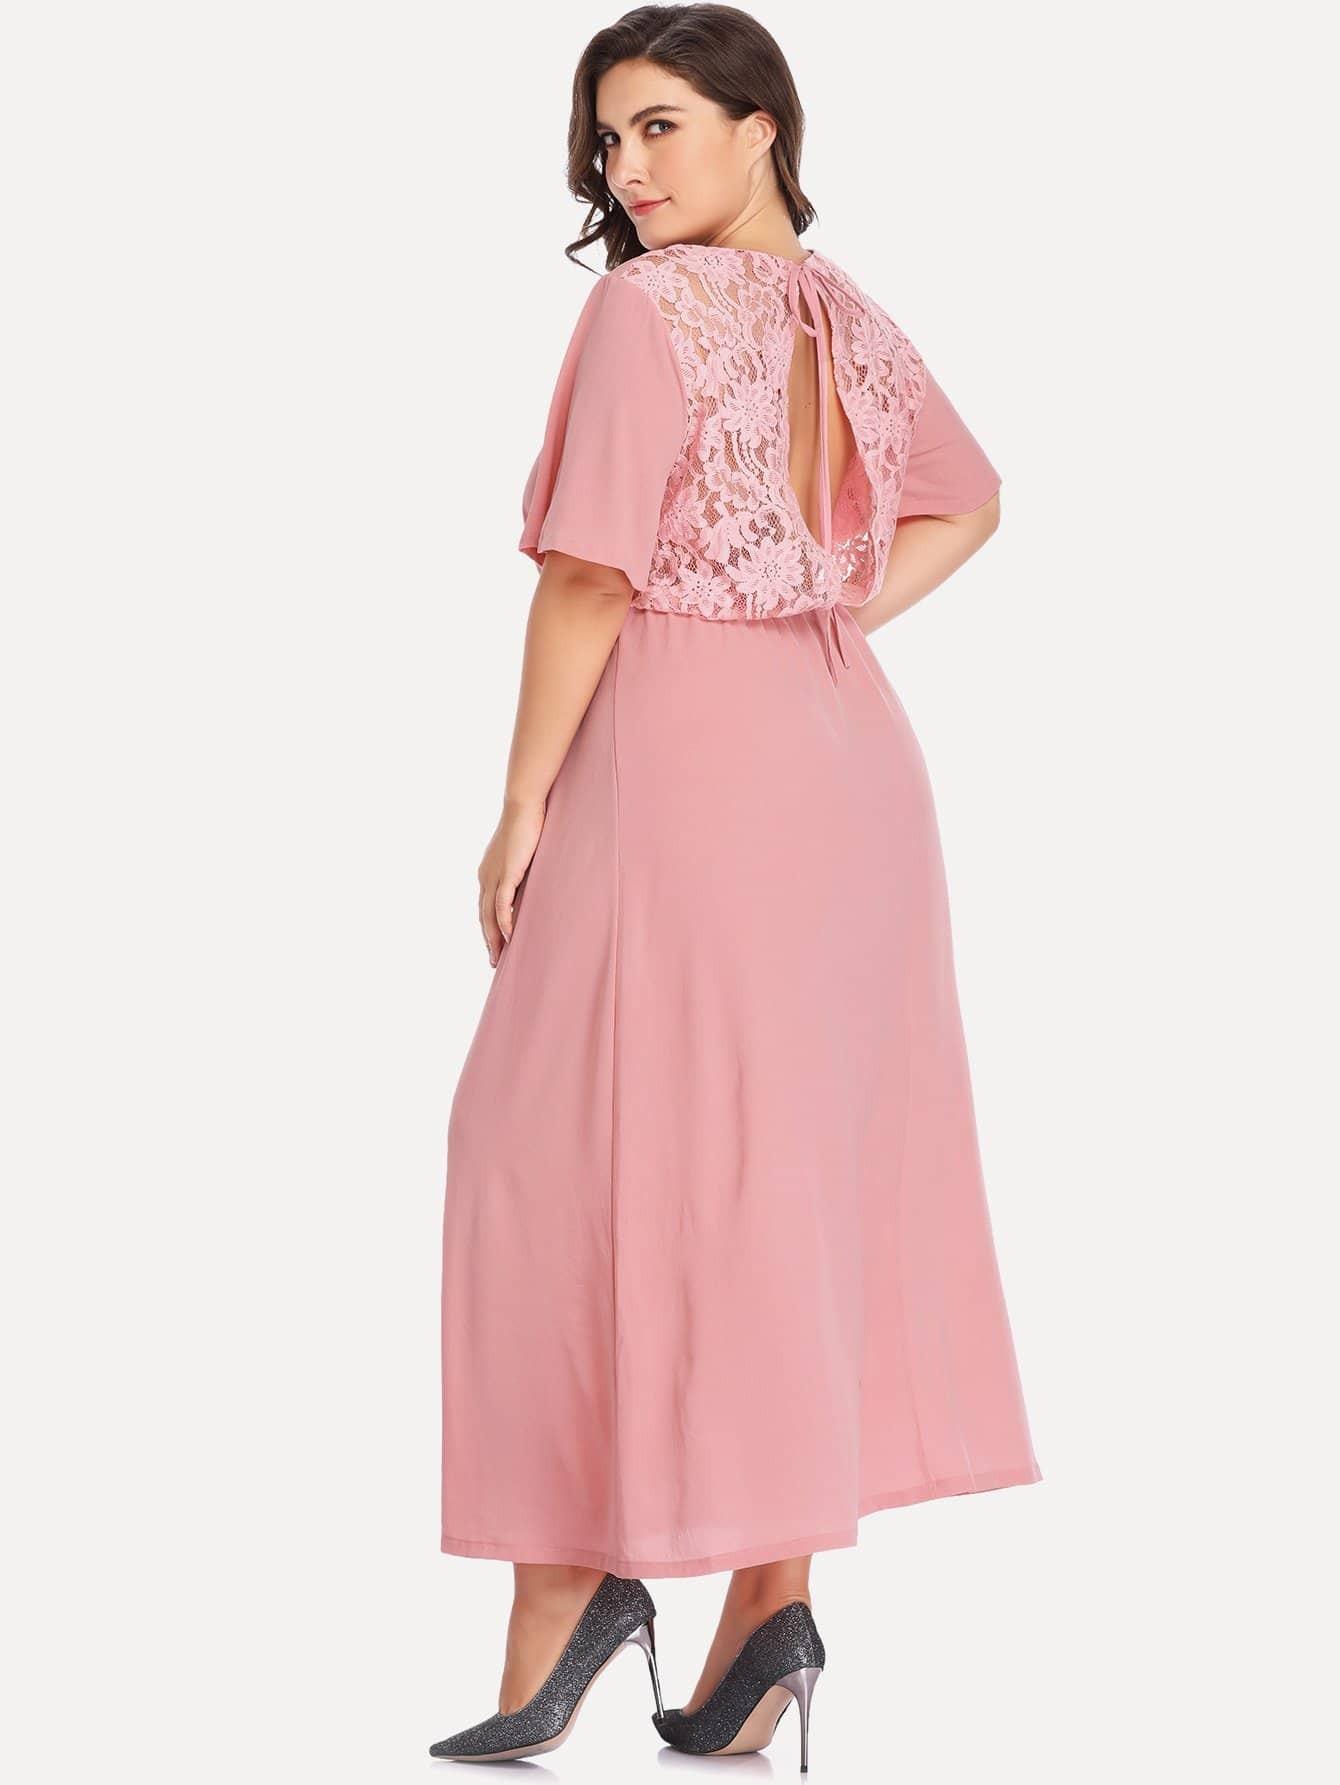 Plus Contrast Lace Solid Dress